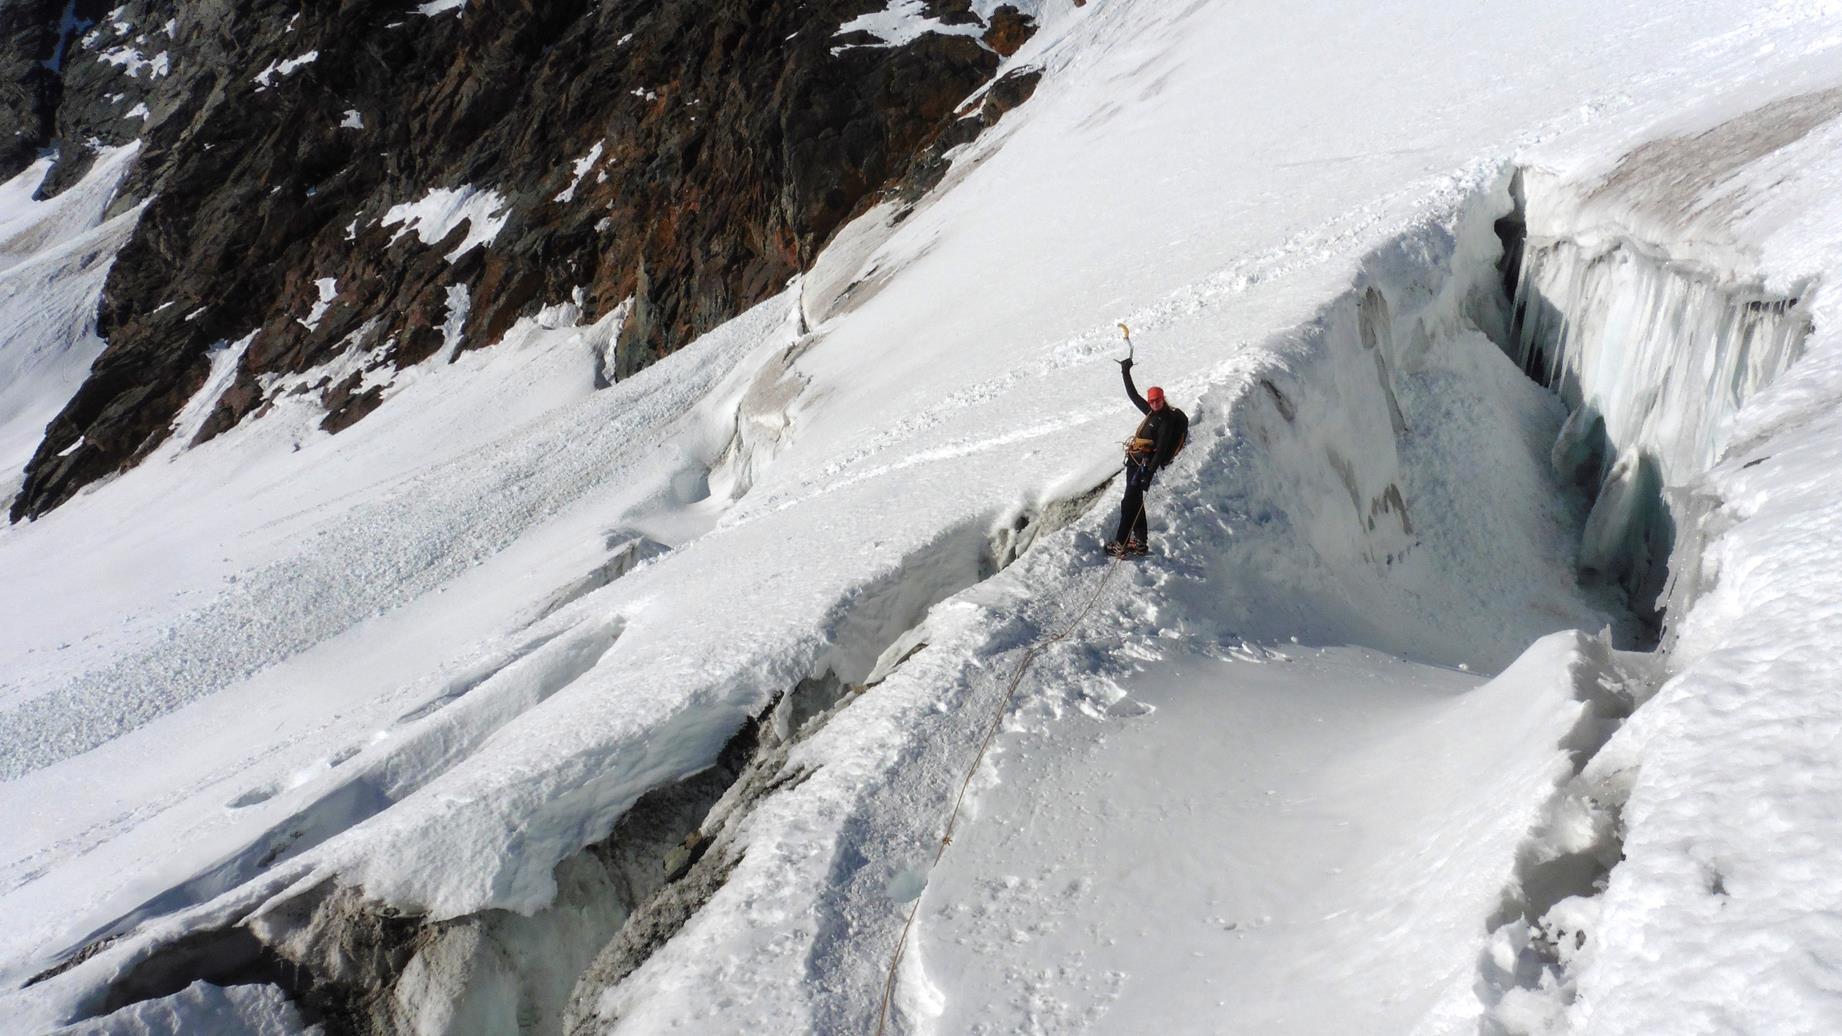 Dachstein II - Užívame trhlinky v ľadovci a mostíky